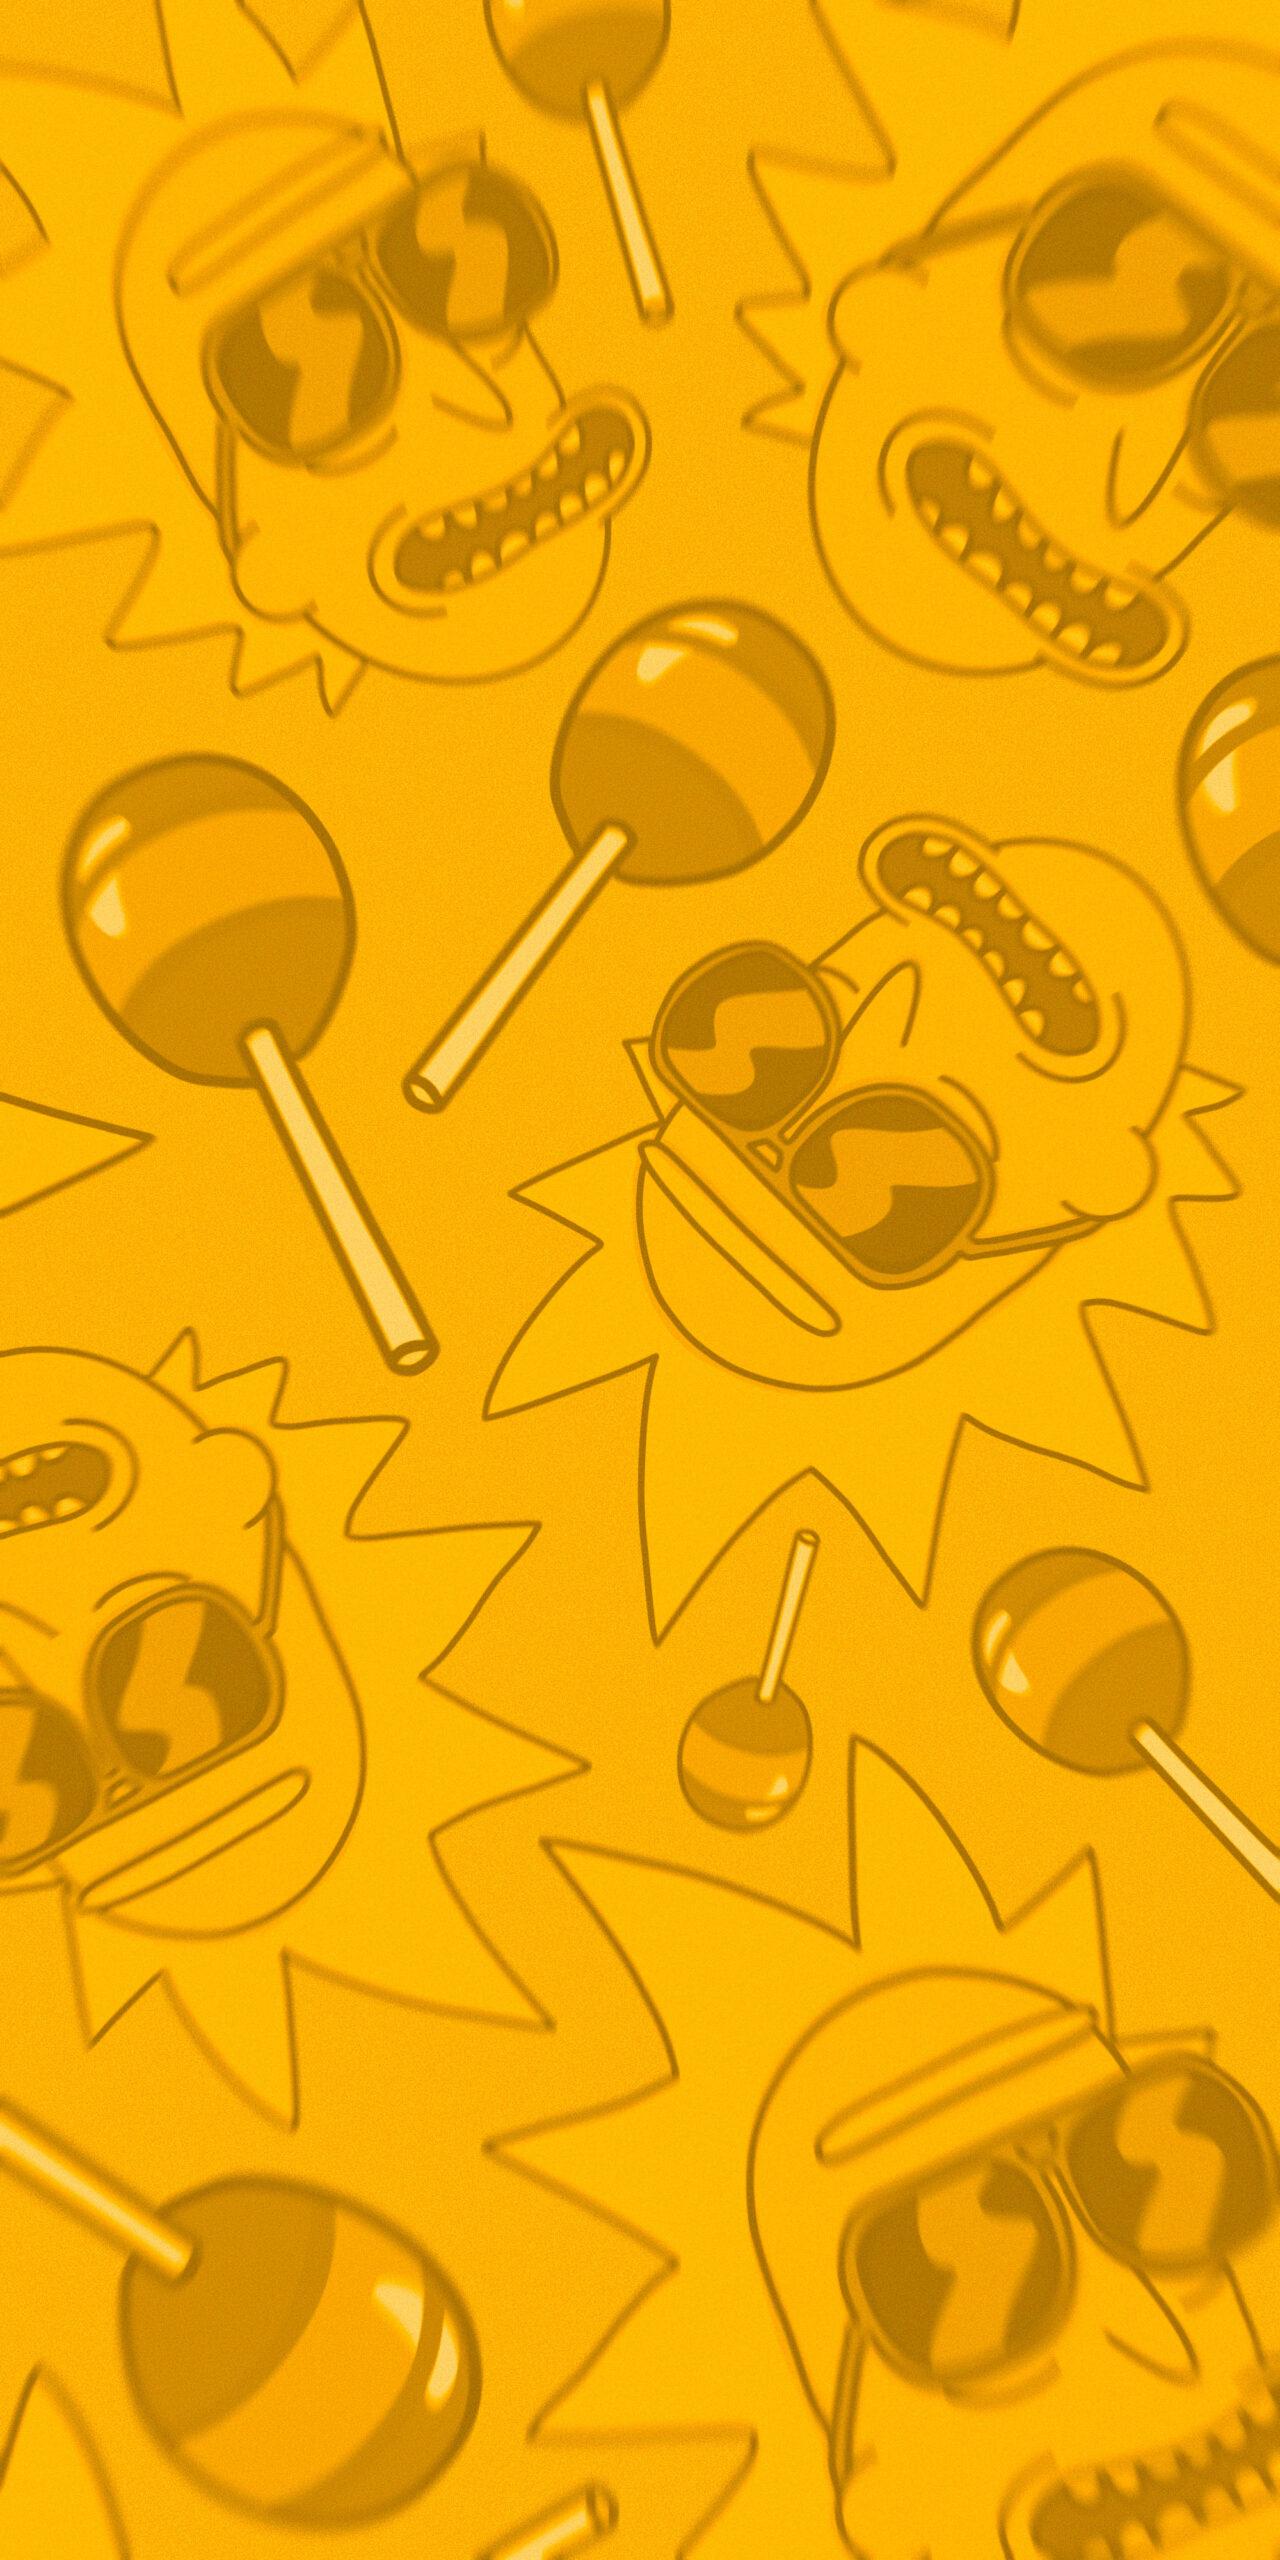 rick and morty rick sanchez lollipop orange background